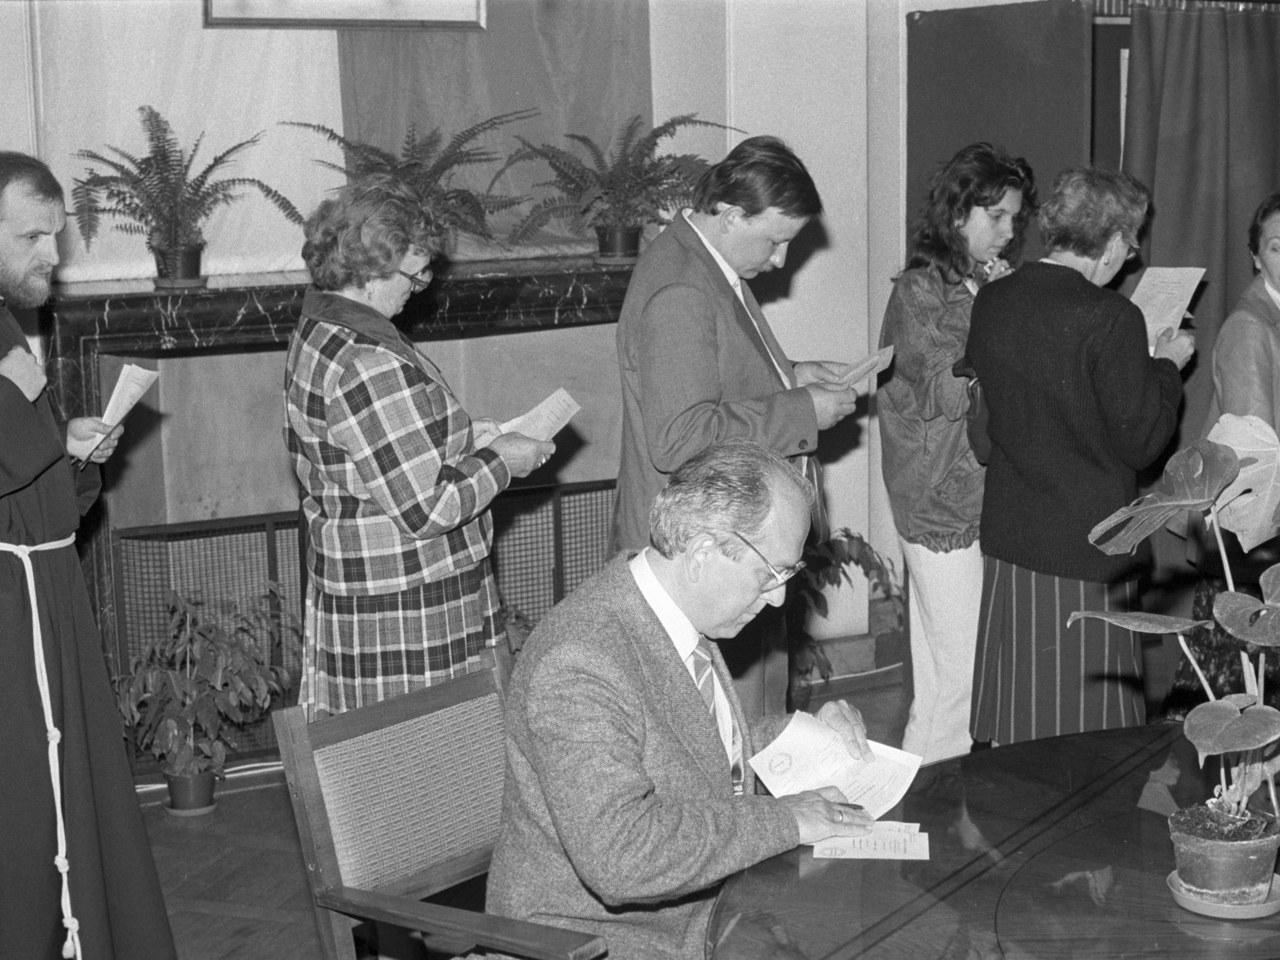 Kolejki w lokalach wyborczych. Gary Cooper na ulicach